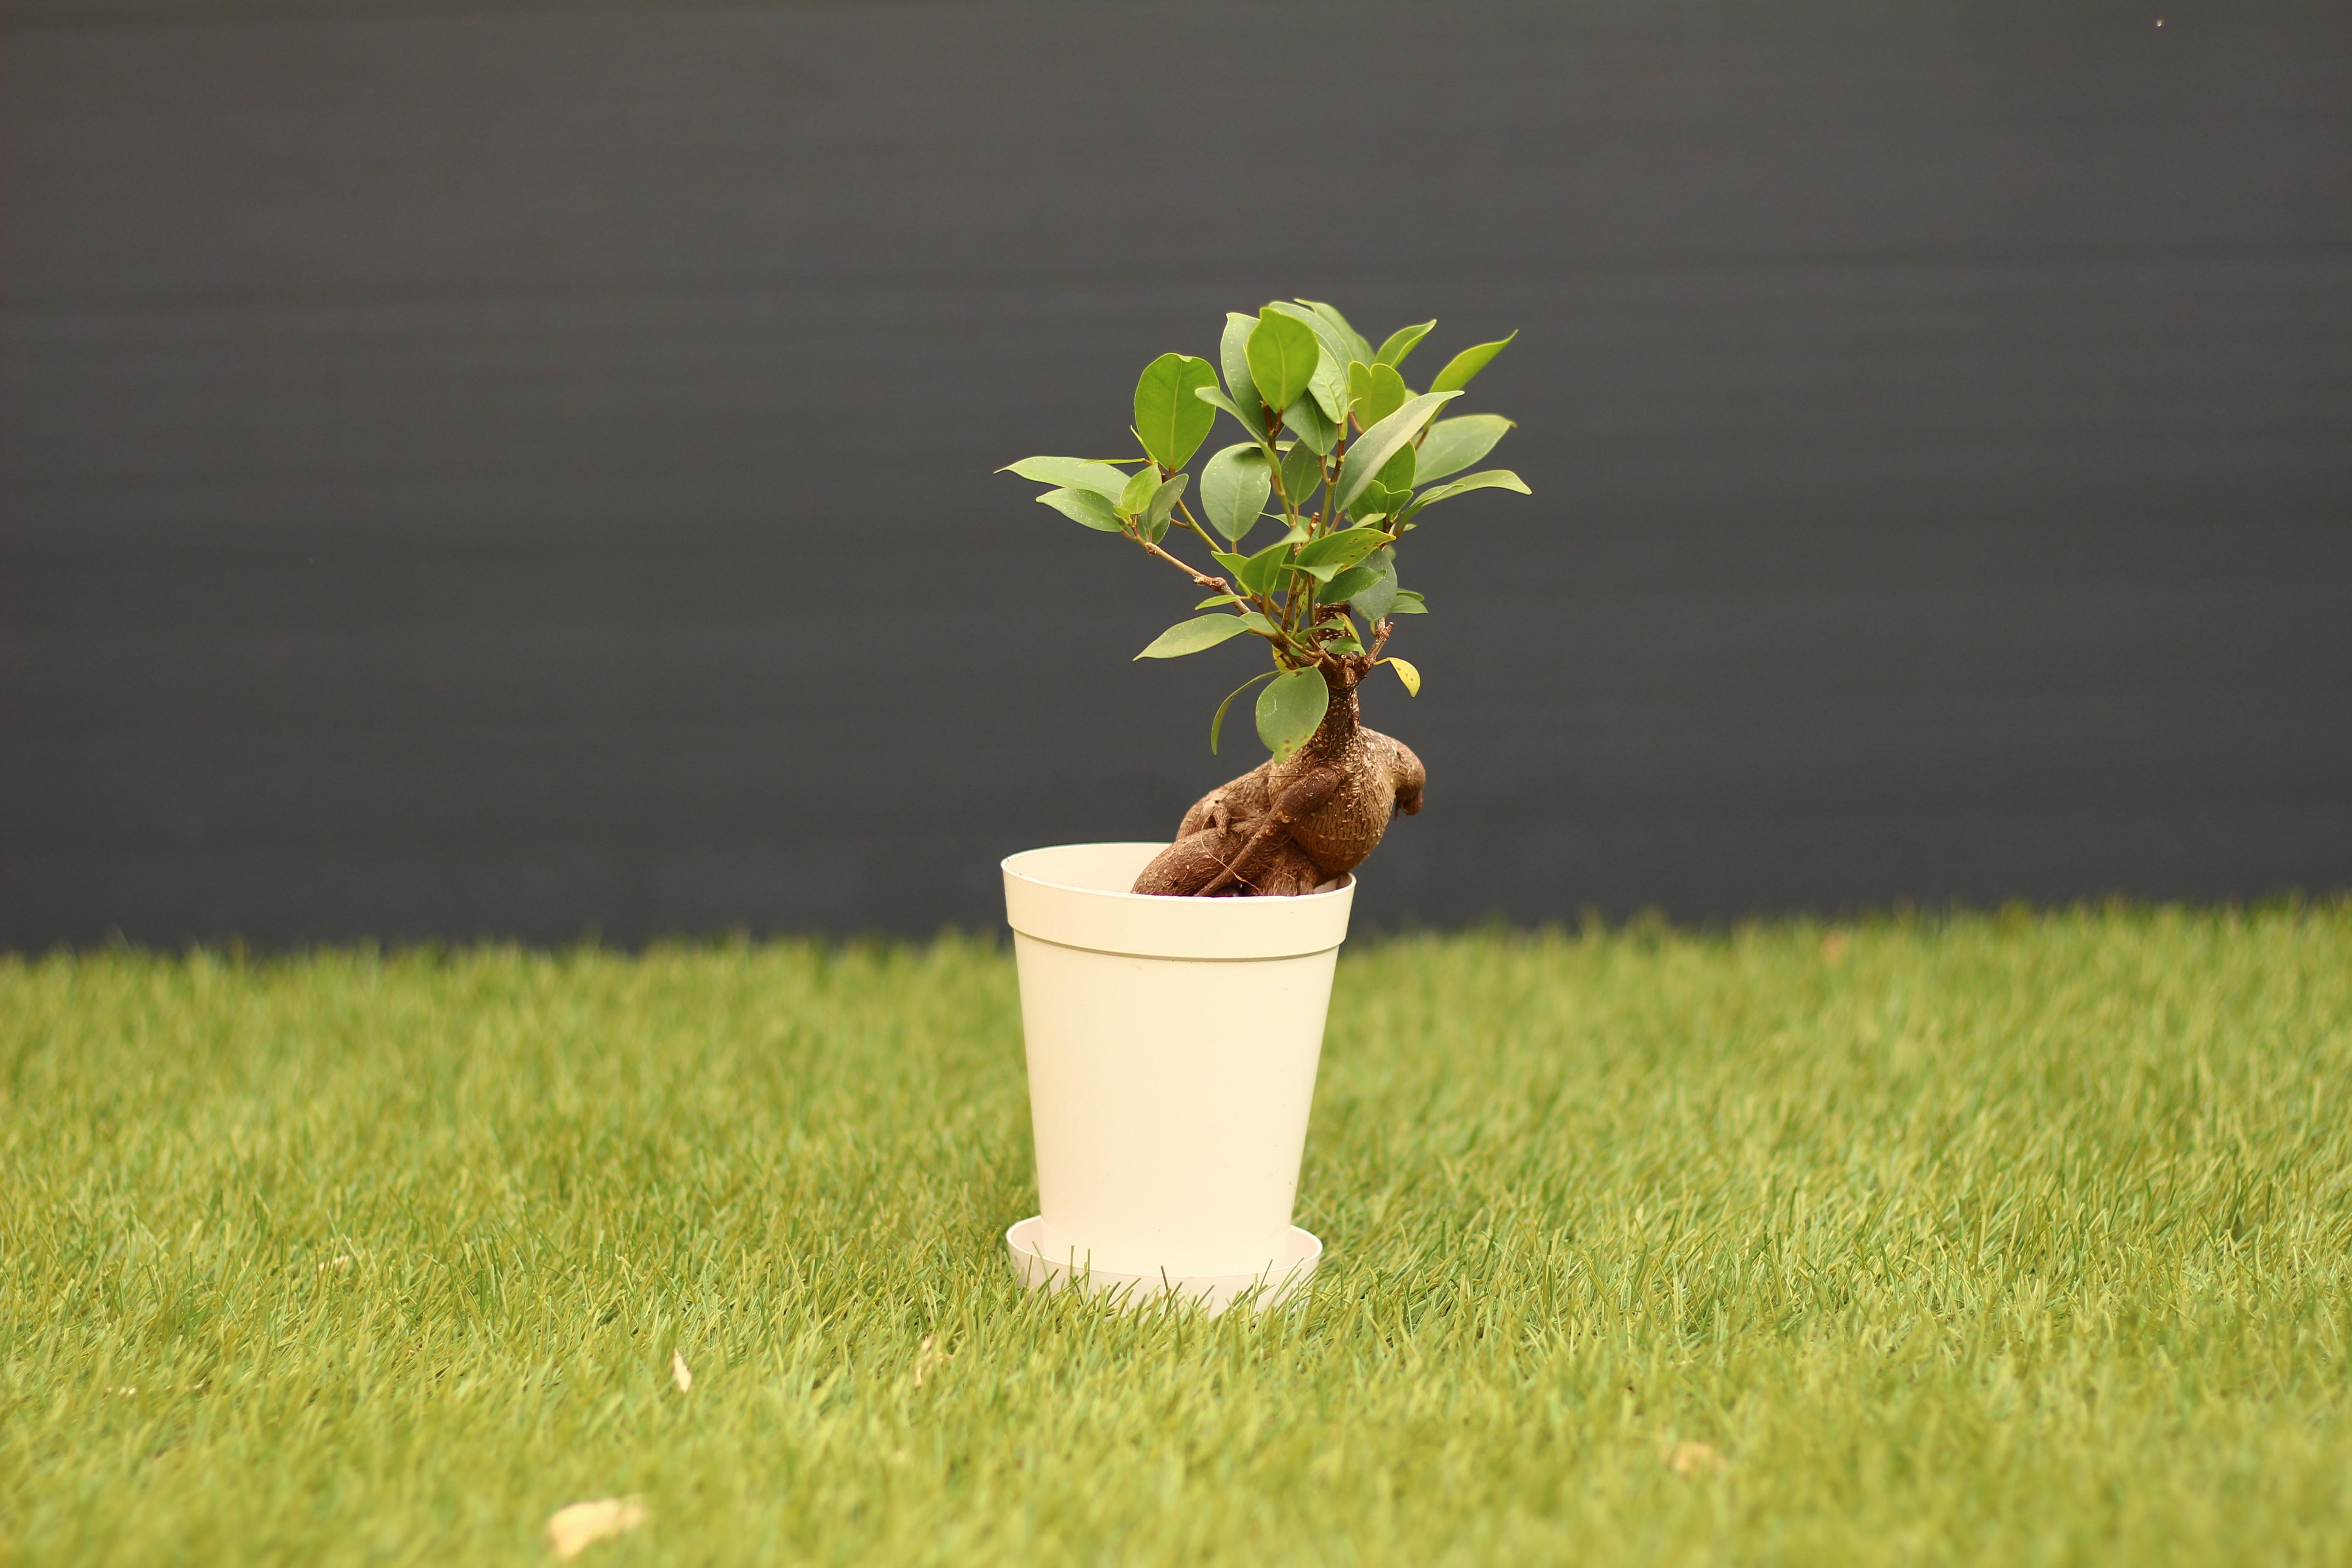 金運をアップさせるとも言われているガジュマルは乾燥にも強く人気のある観葉植物です。100均に売られているガジュマルは小さいですが、とても丈夫なので心配する必要はありません。